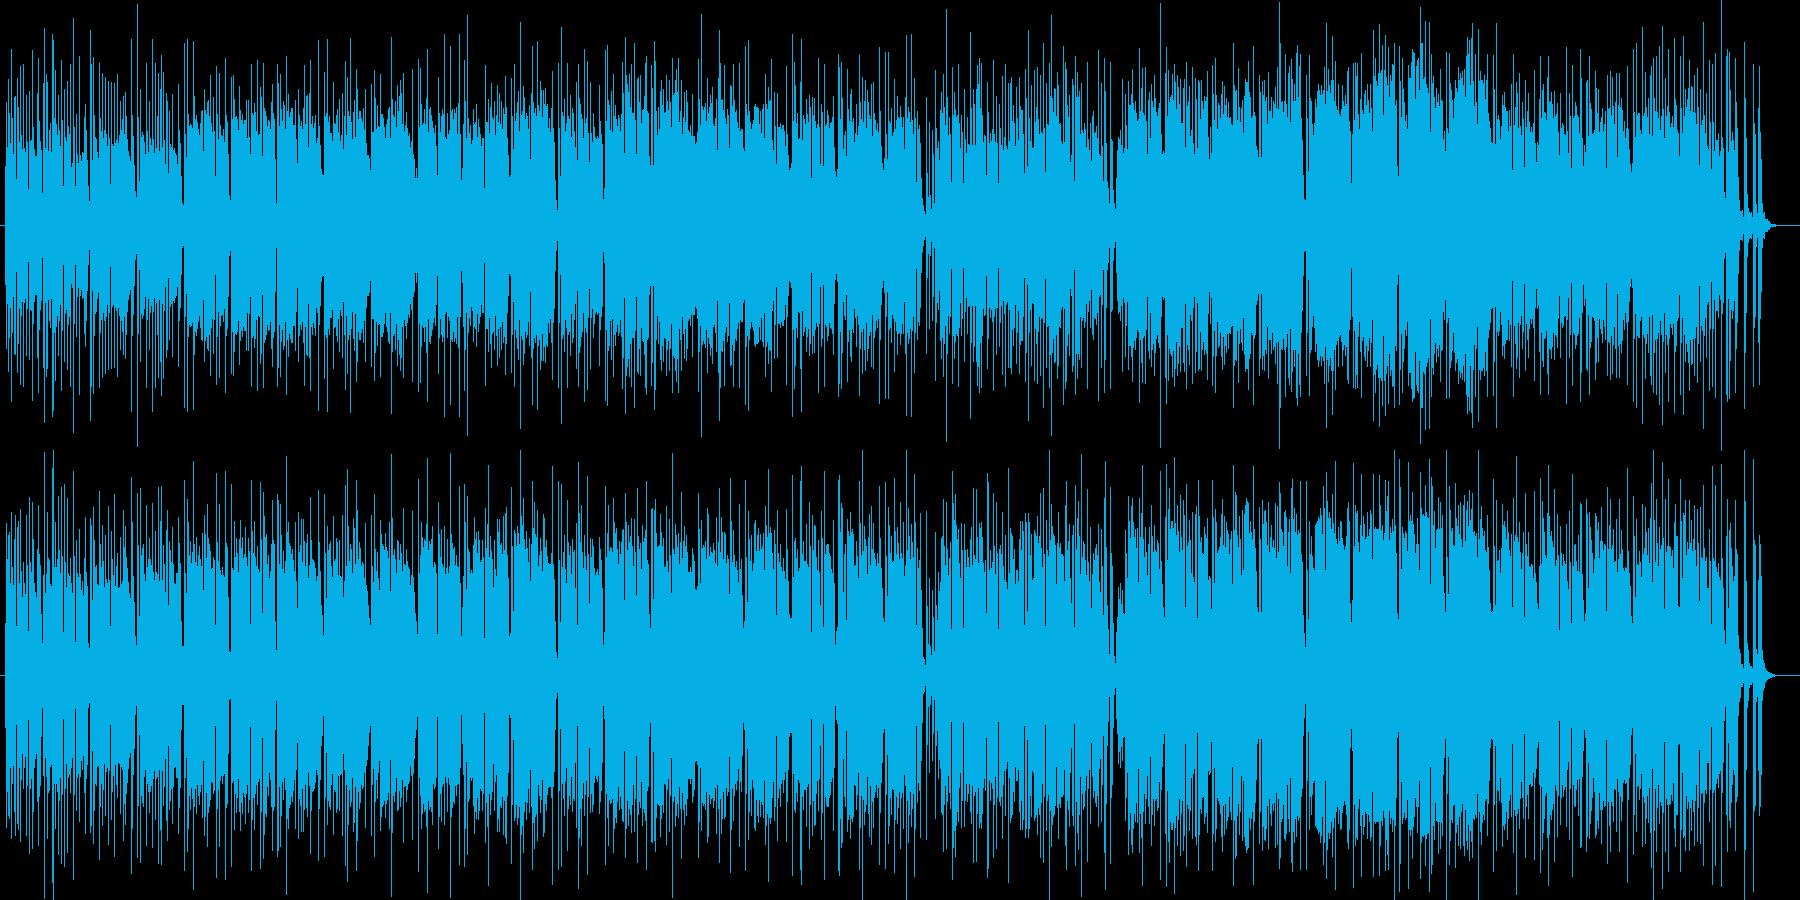 南国の風景の木琴シンセサイザー系サウンドの再生済みの波形